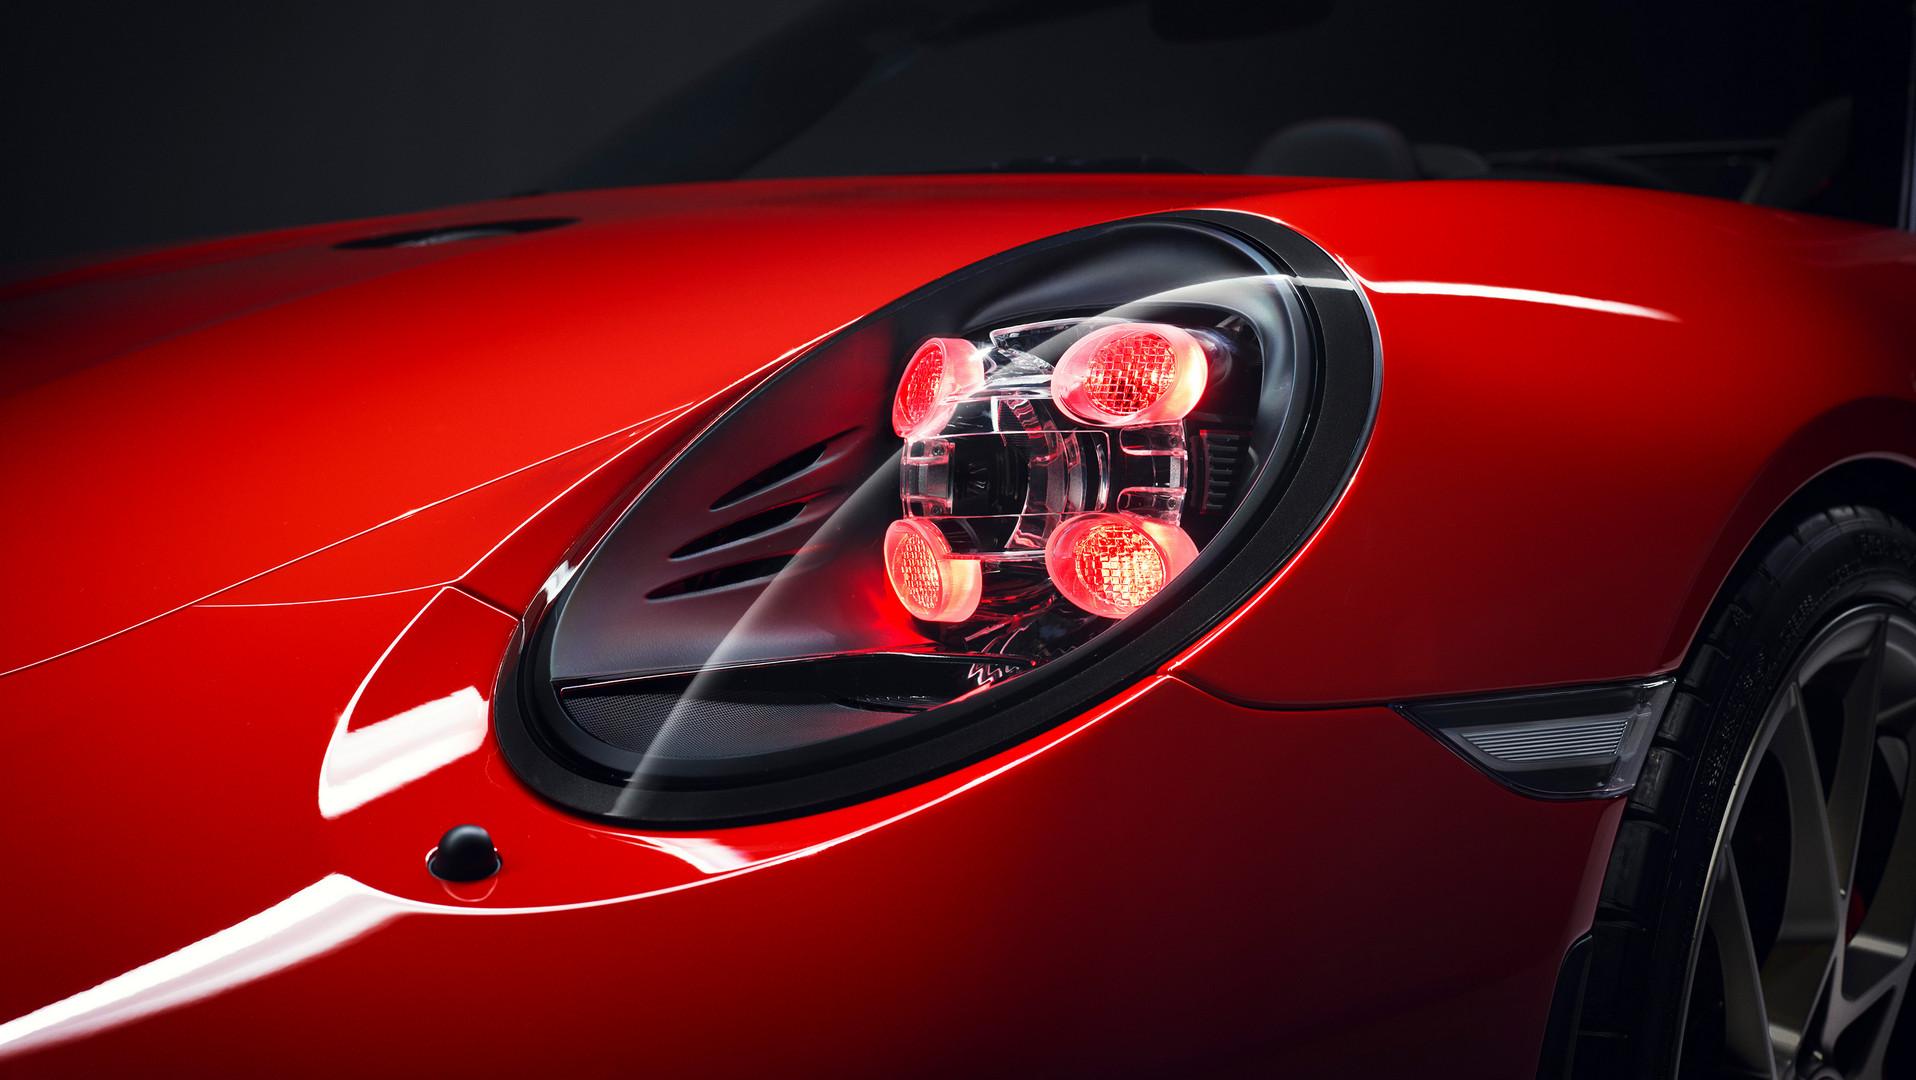 Porsche 991 Speedster Guards Headlight